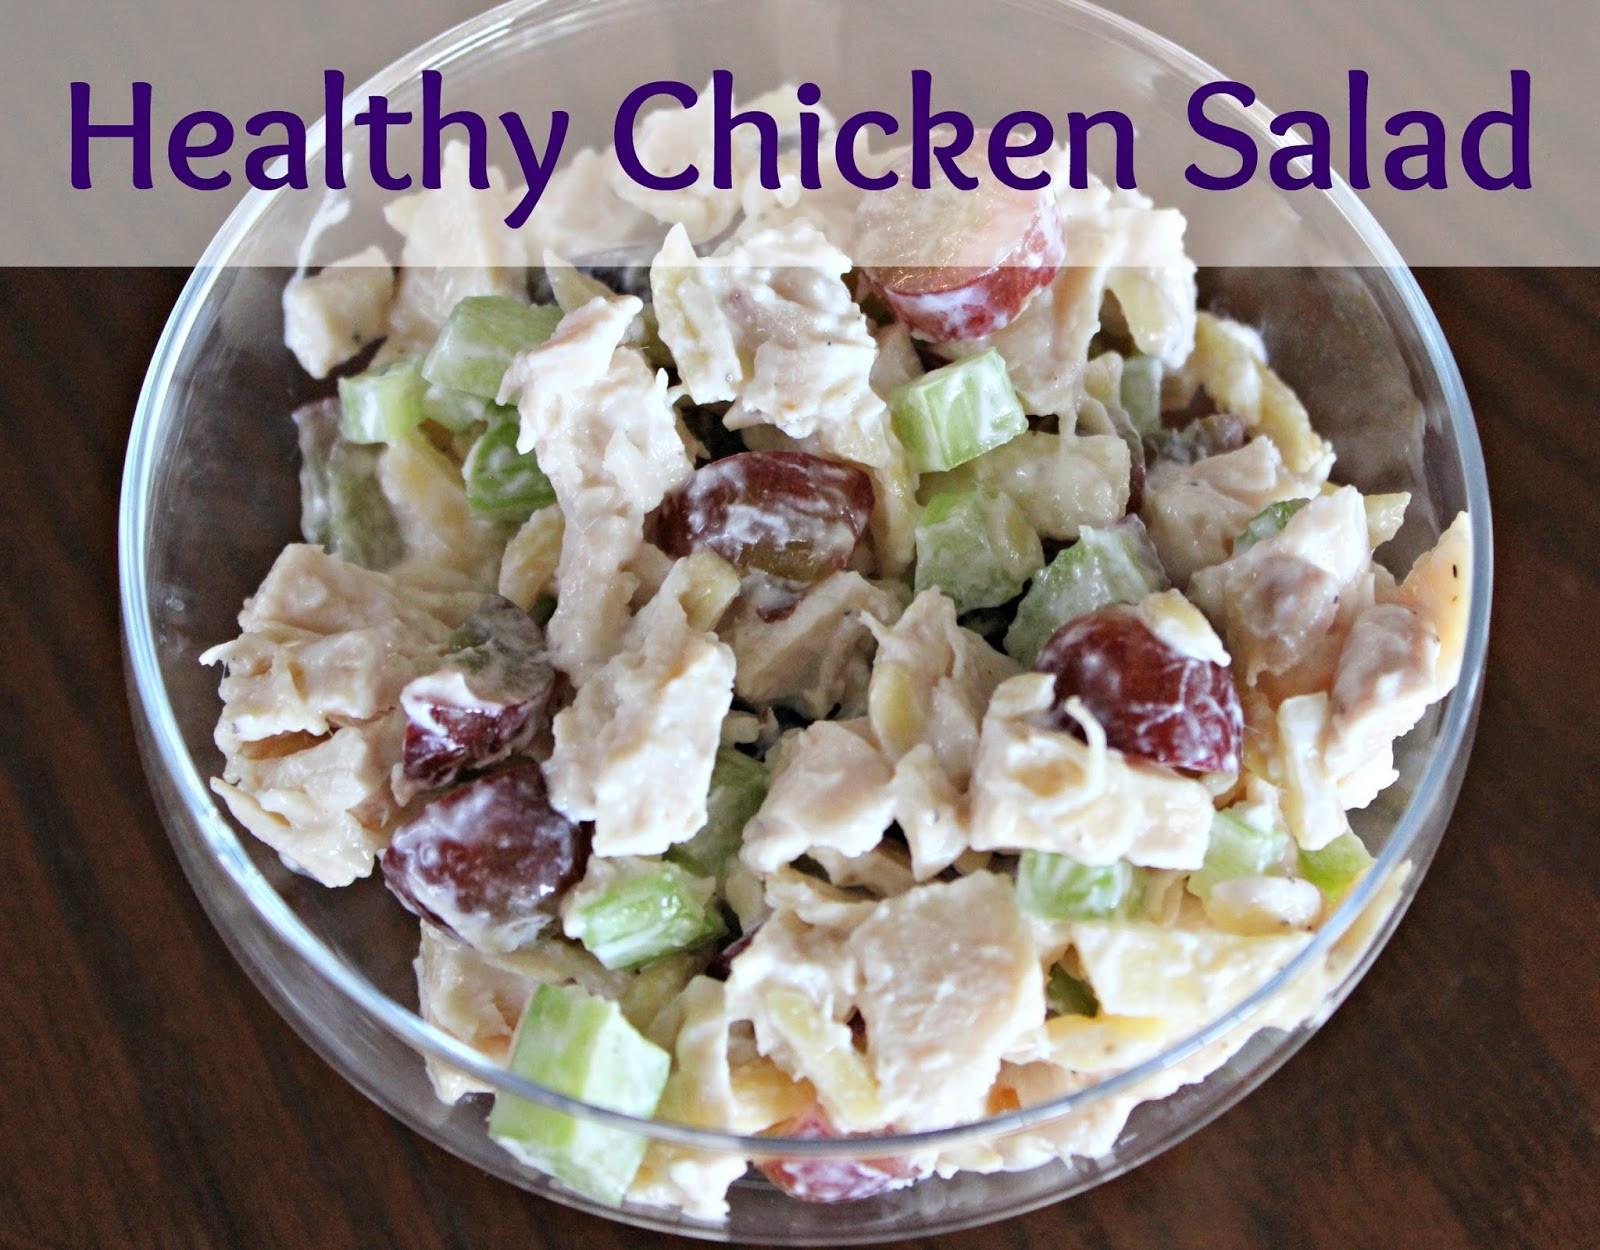 Is Chicken Salad Healthy  Healthy Chicken Salad Recipe — Dishmaps